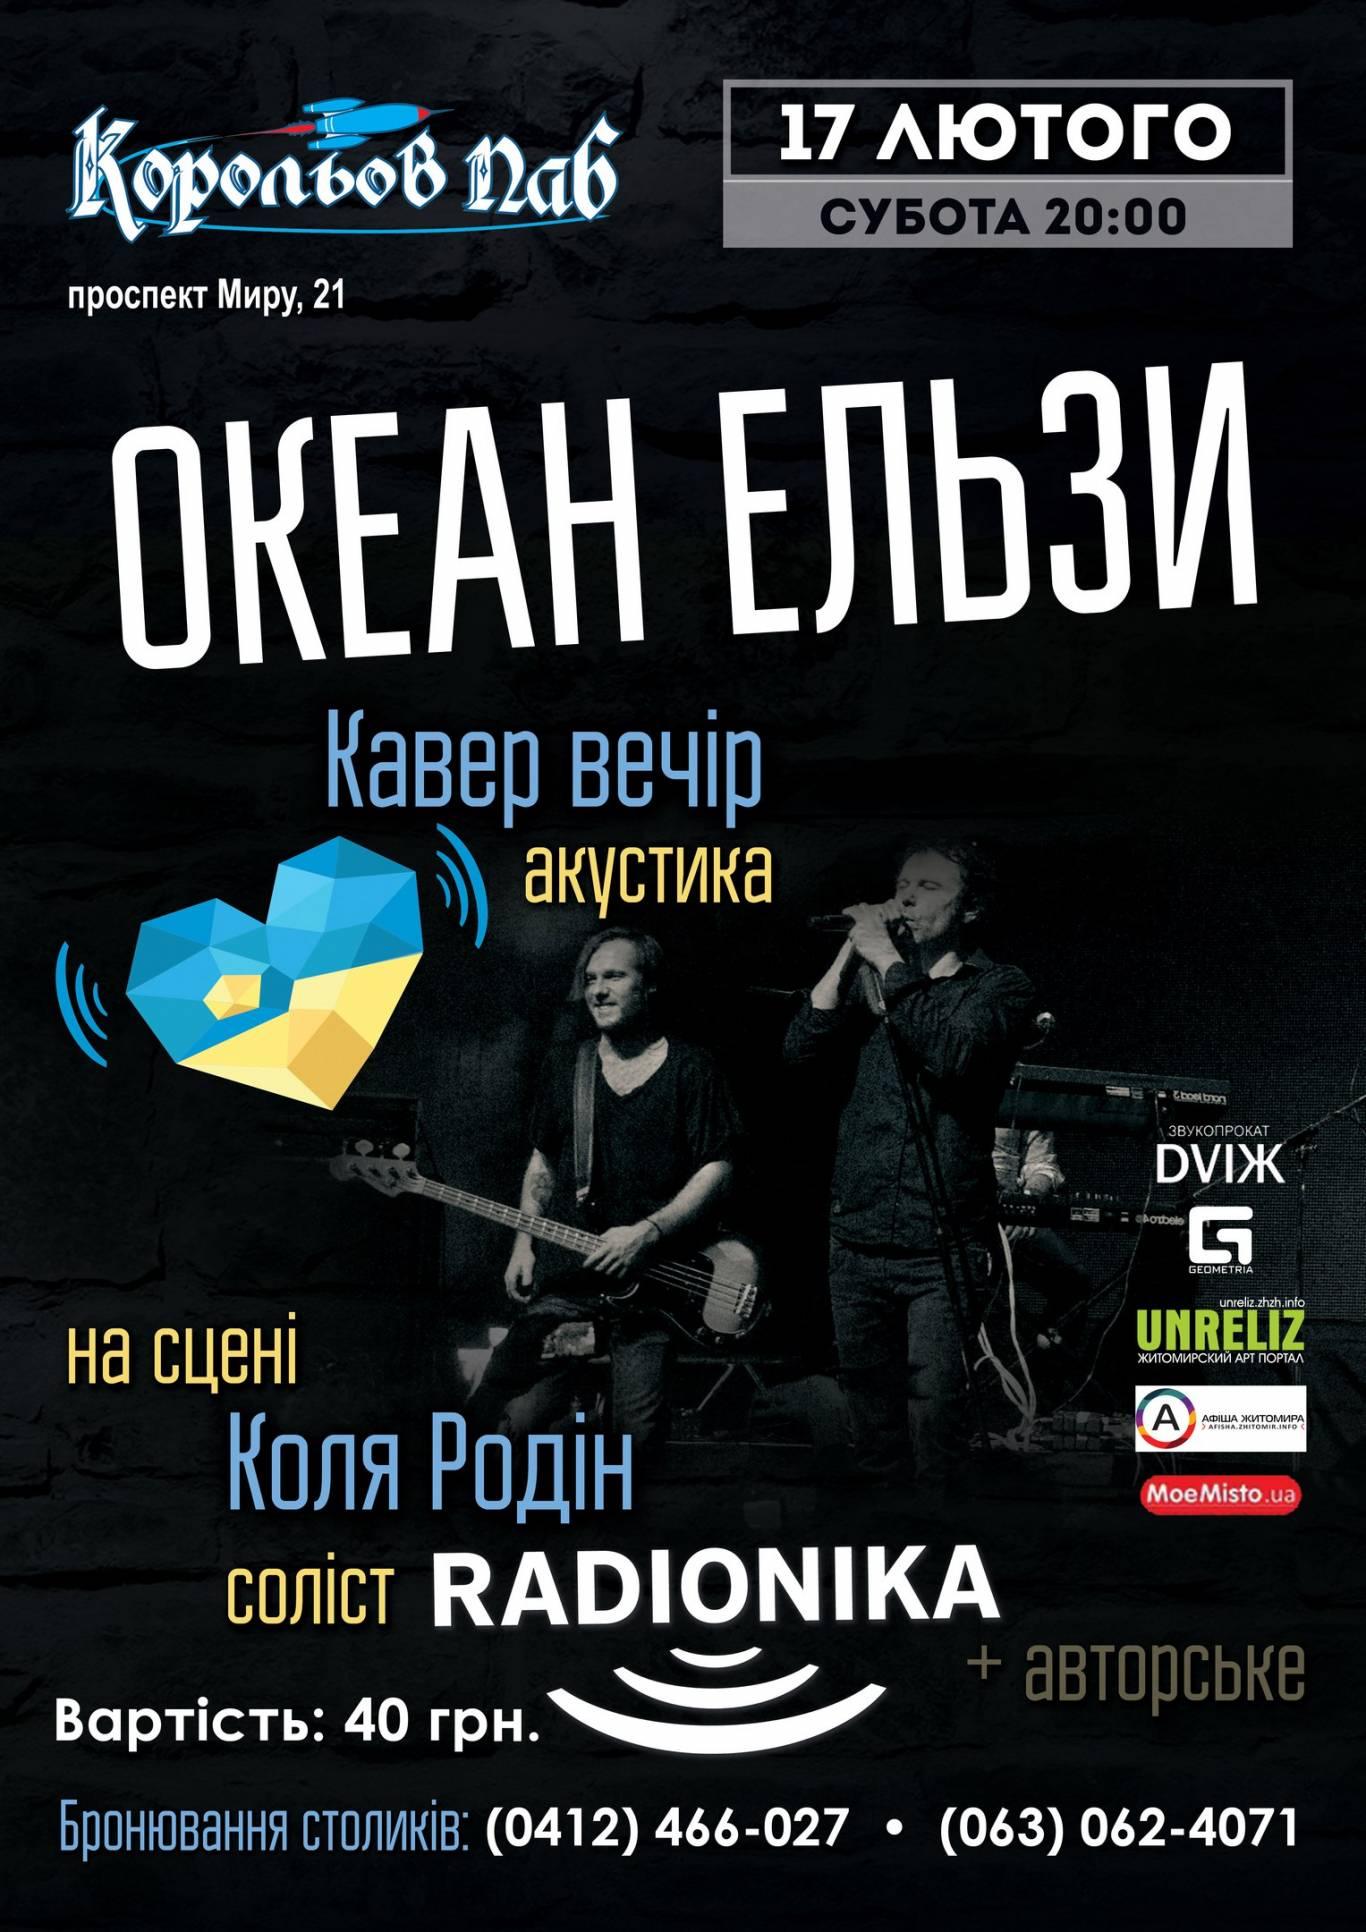 ОКЕАН ЕЛЬЗИ cover party